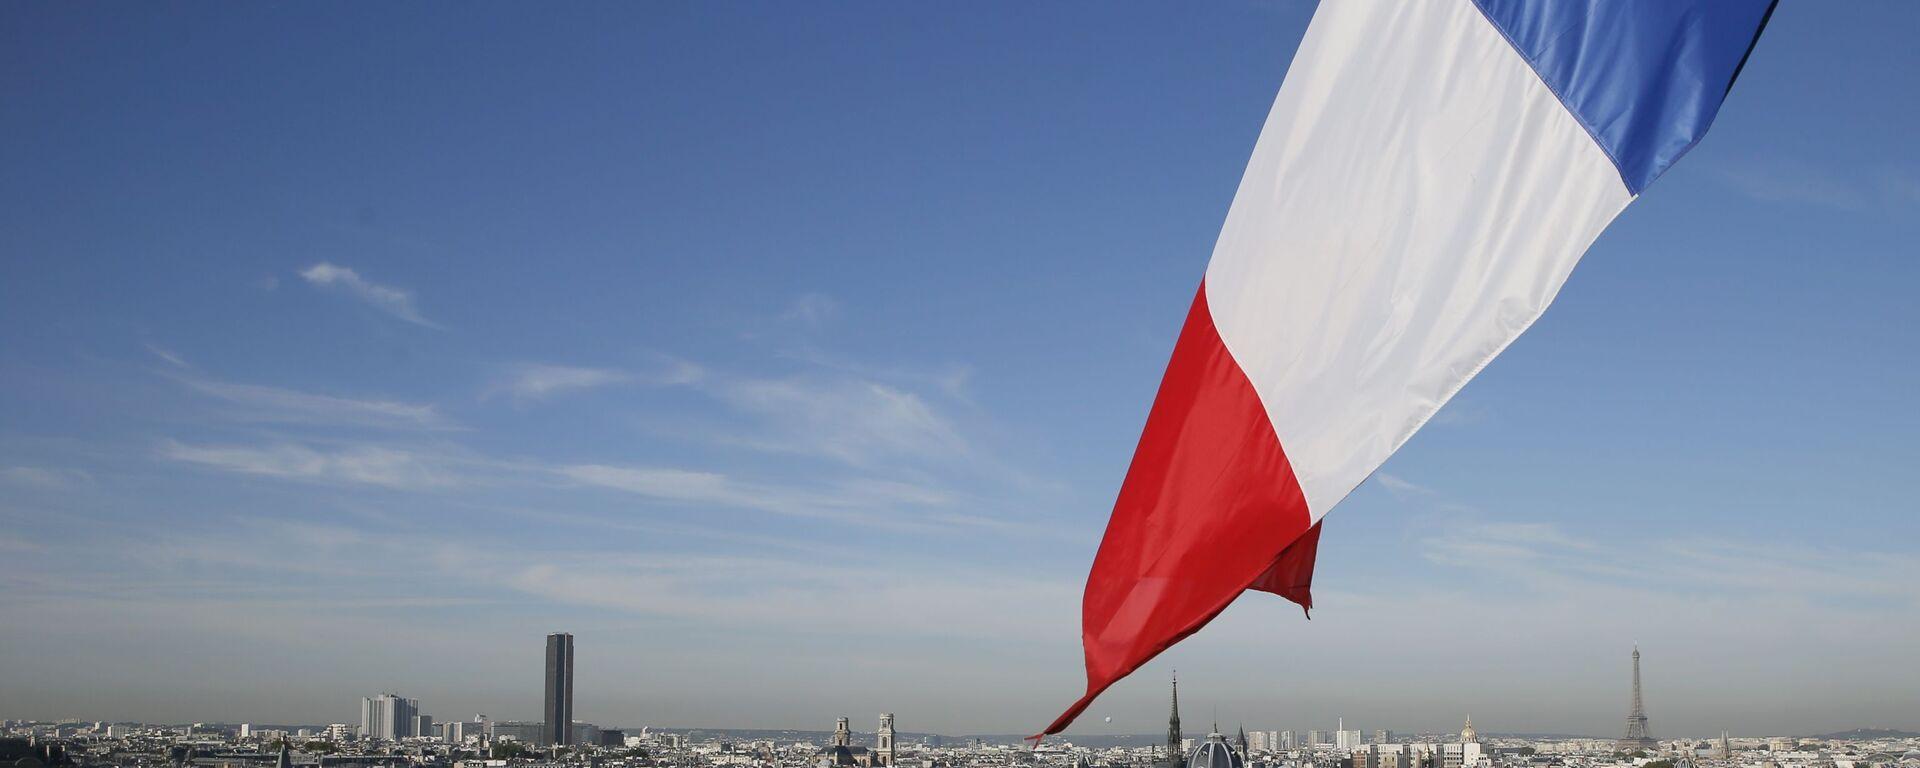 Francouzská vlajka - Sputnik Česká republika, 1920, 28.07.2021